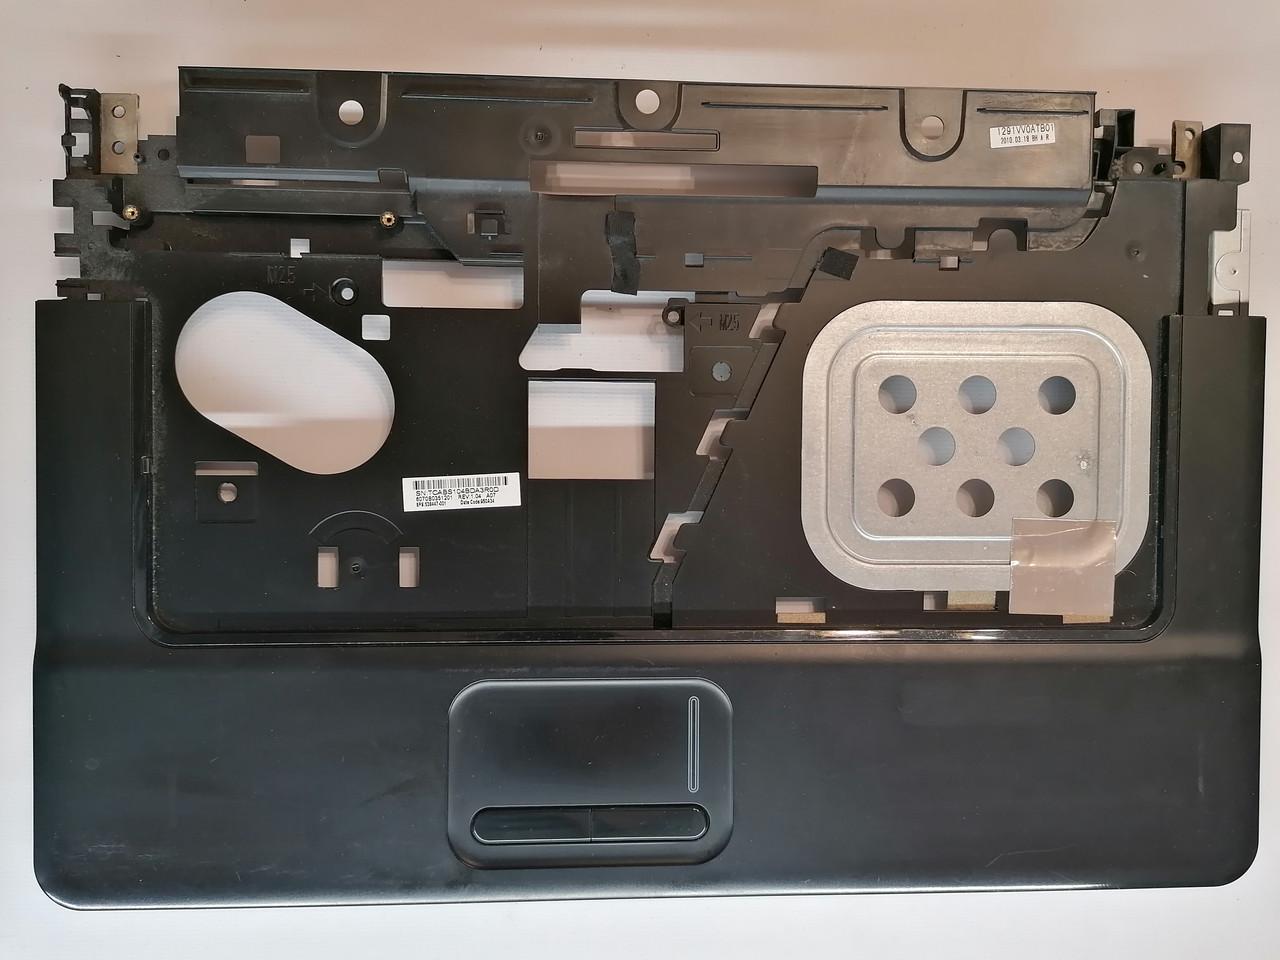 Б/У корпус крышка клавиатуры (топкейс) для HP Compaq 615, 610 (538447-001 / 6070b0351201)